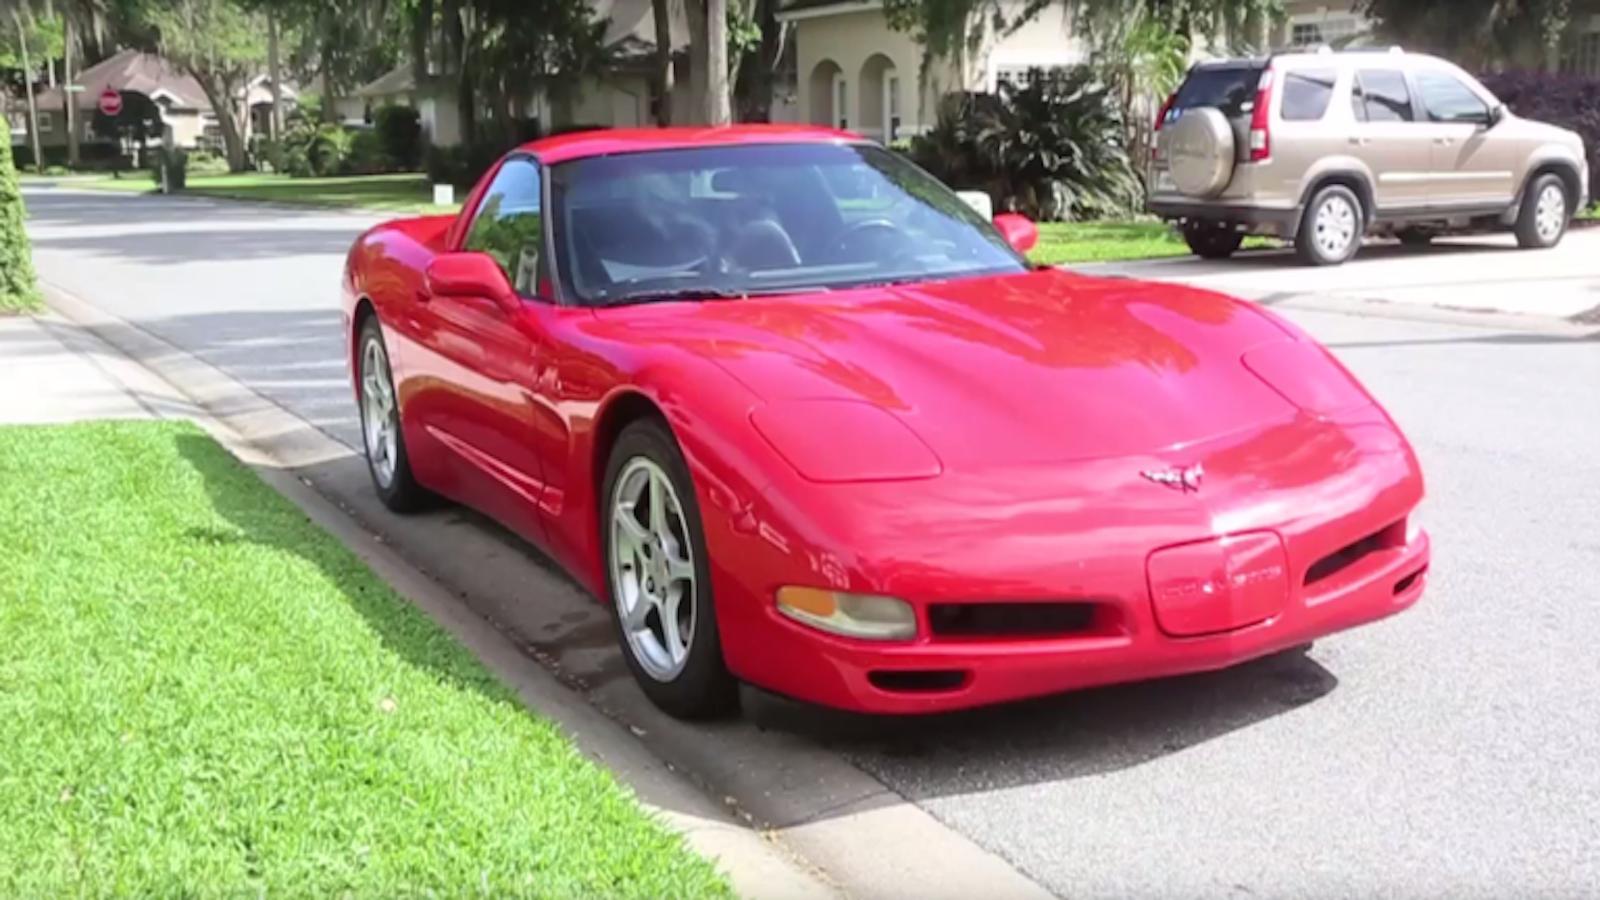 Mark's 2000 Corvette